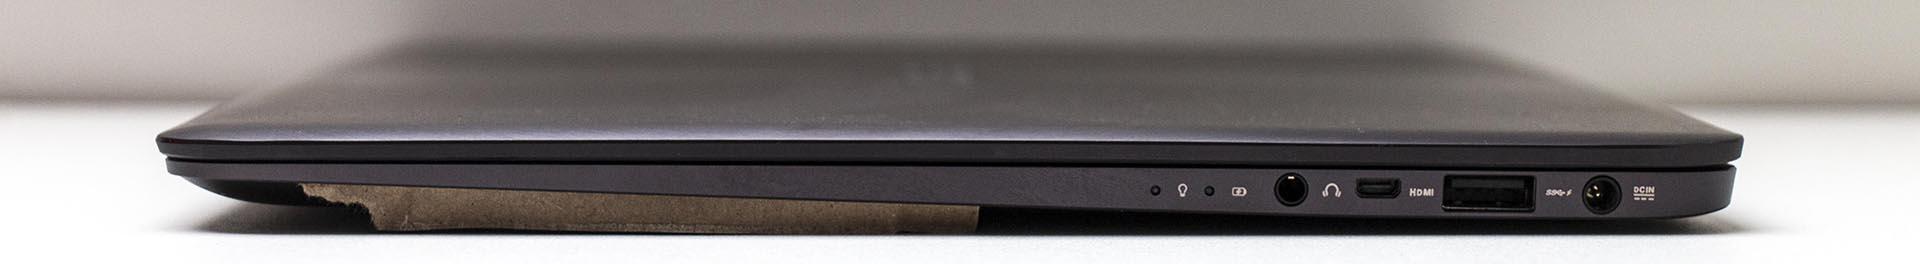 Asus UX305F IMG_1025